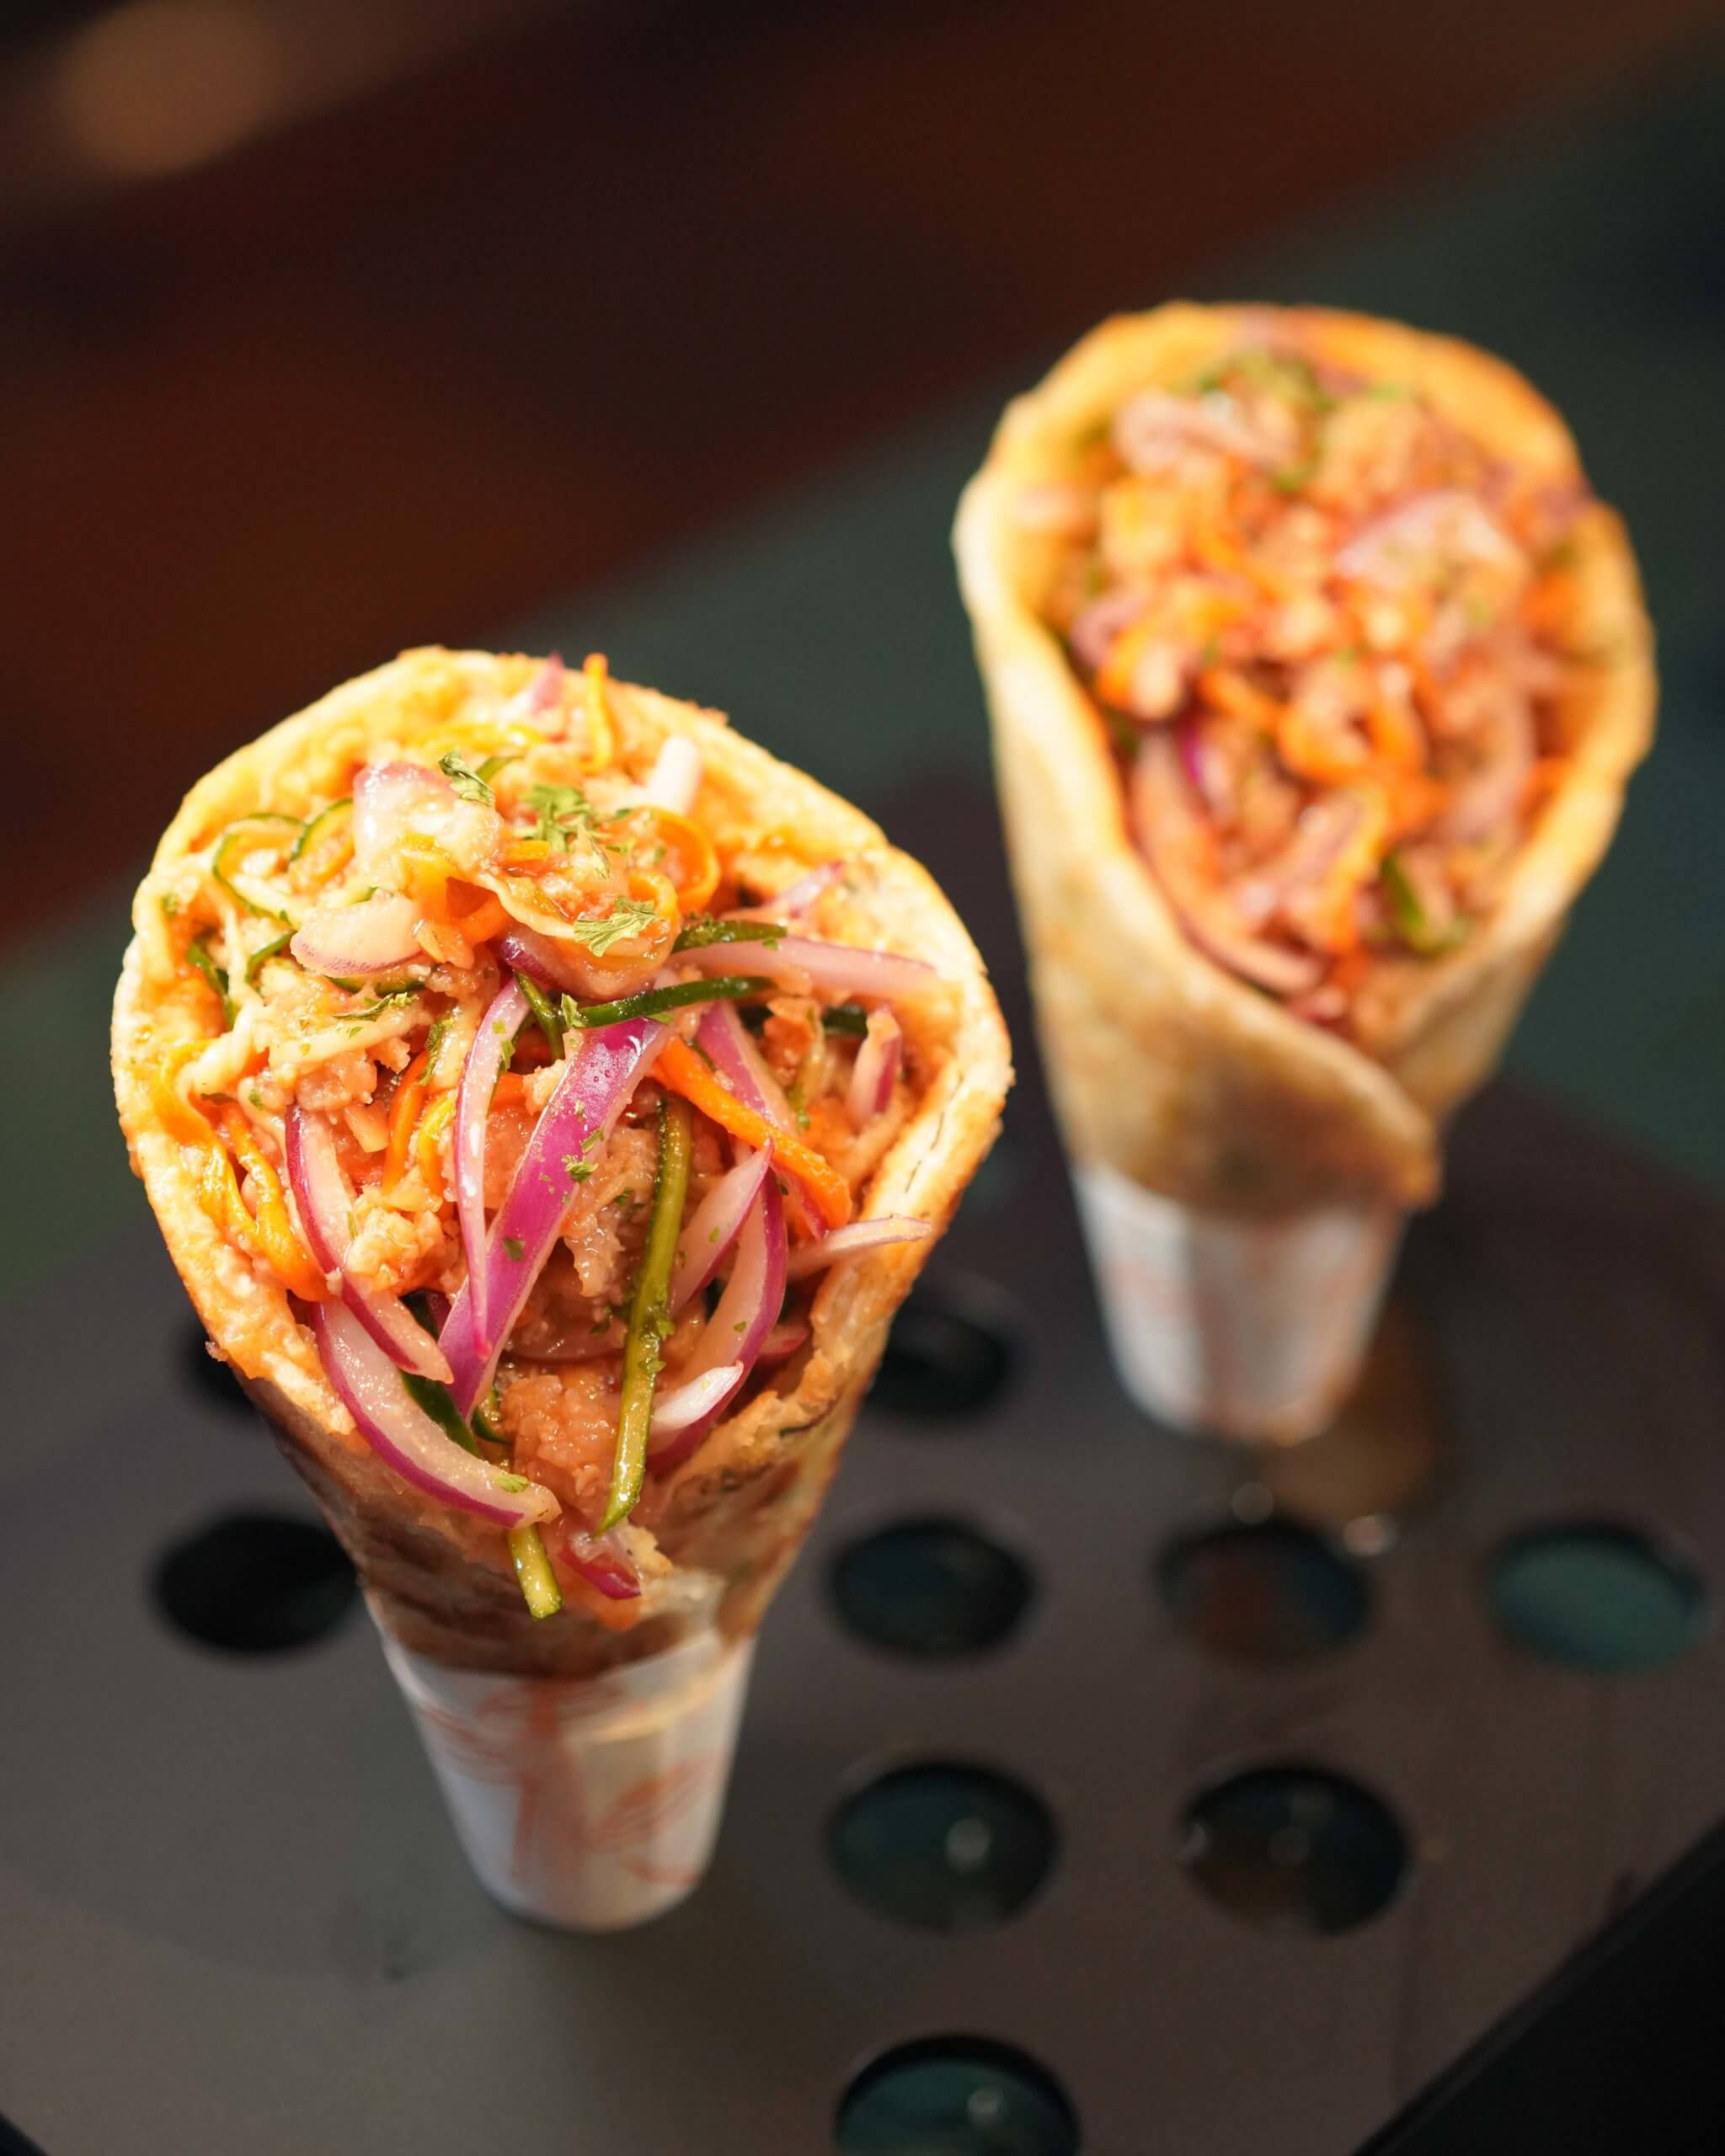 戶外小食亭有「植物肉脆烤卷」,為素食人士提供新選擇。